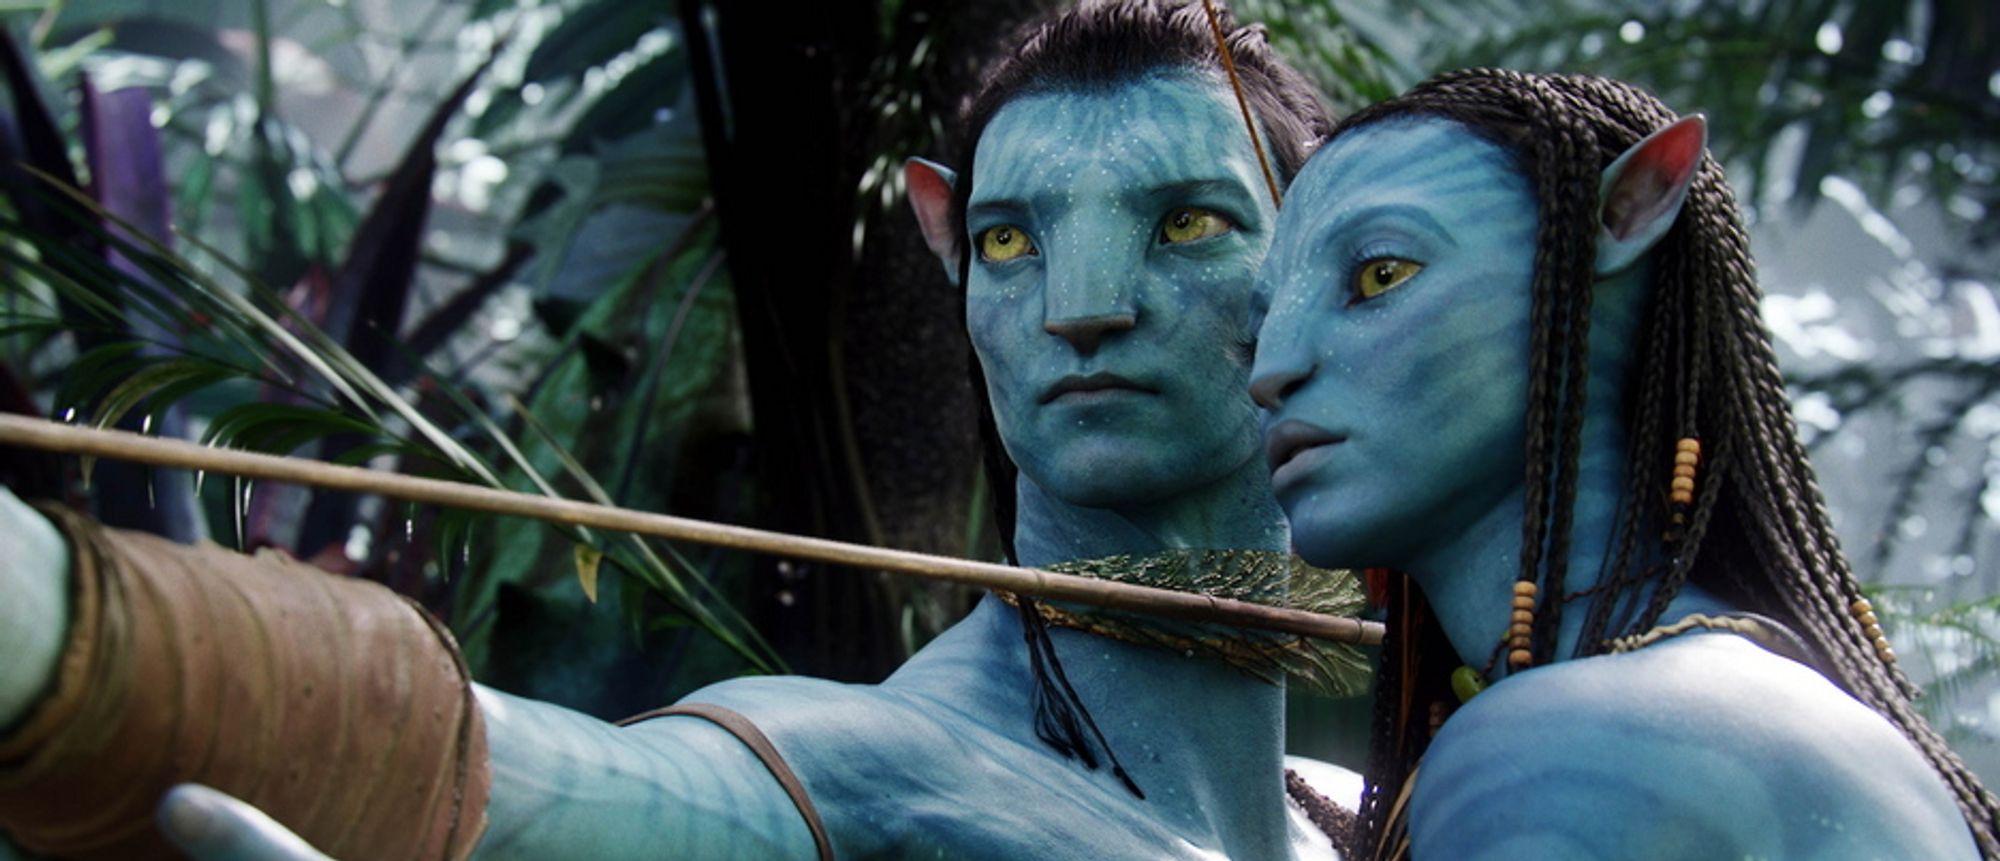 3D-gulrotMange tror James Camerons nye science fictionfilm Avatar vil bli det store kjennombruddet for film på 3D og vil drive salget av nye Blu-ray-plater når de blir tilgjengelige neste år.